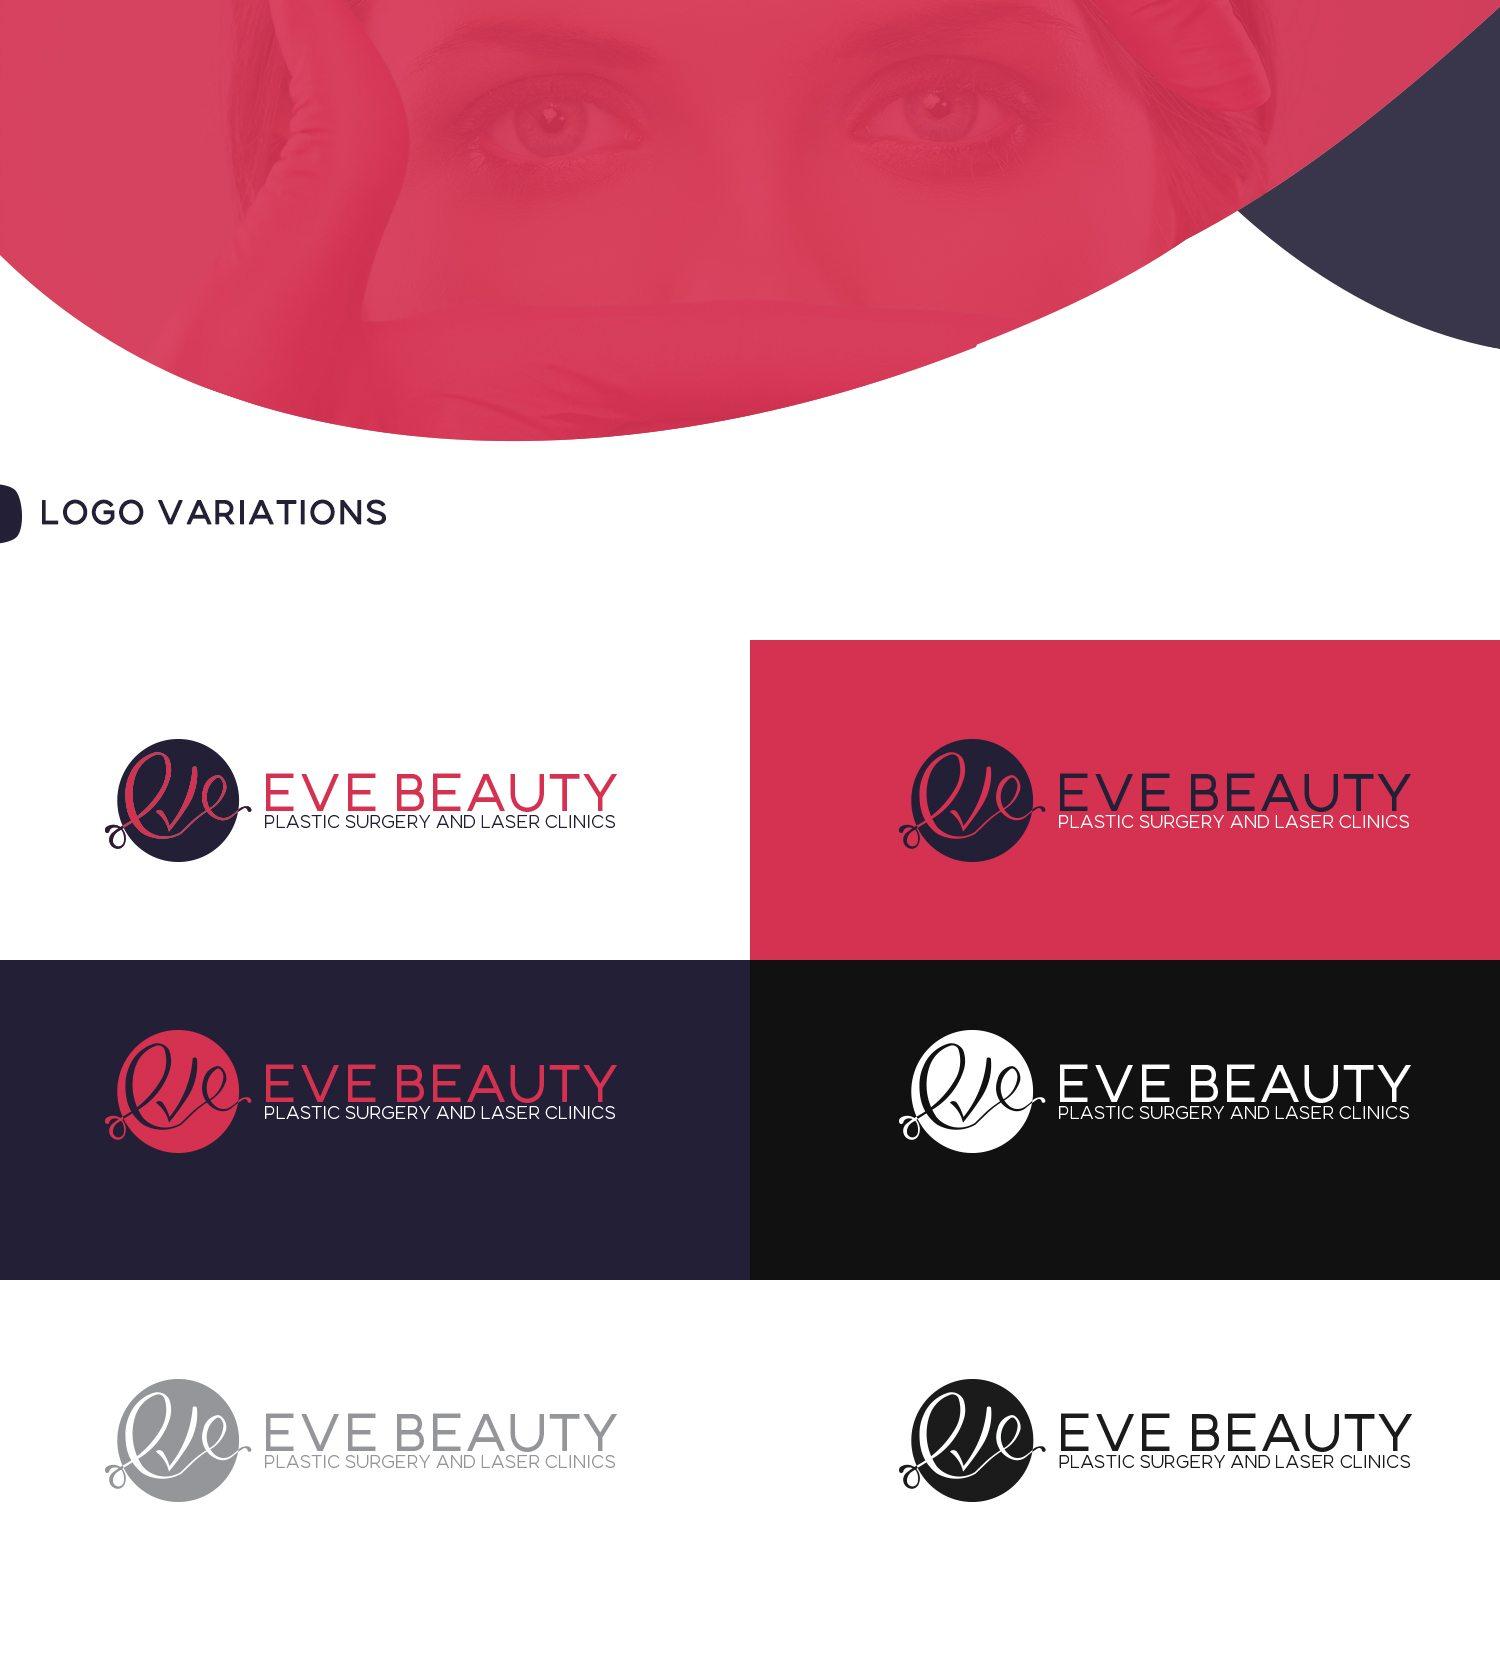 4. Logo Variations